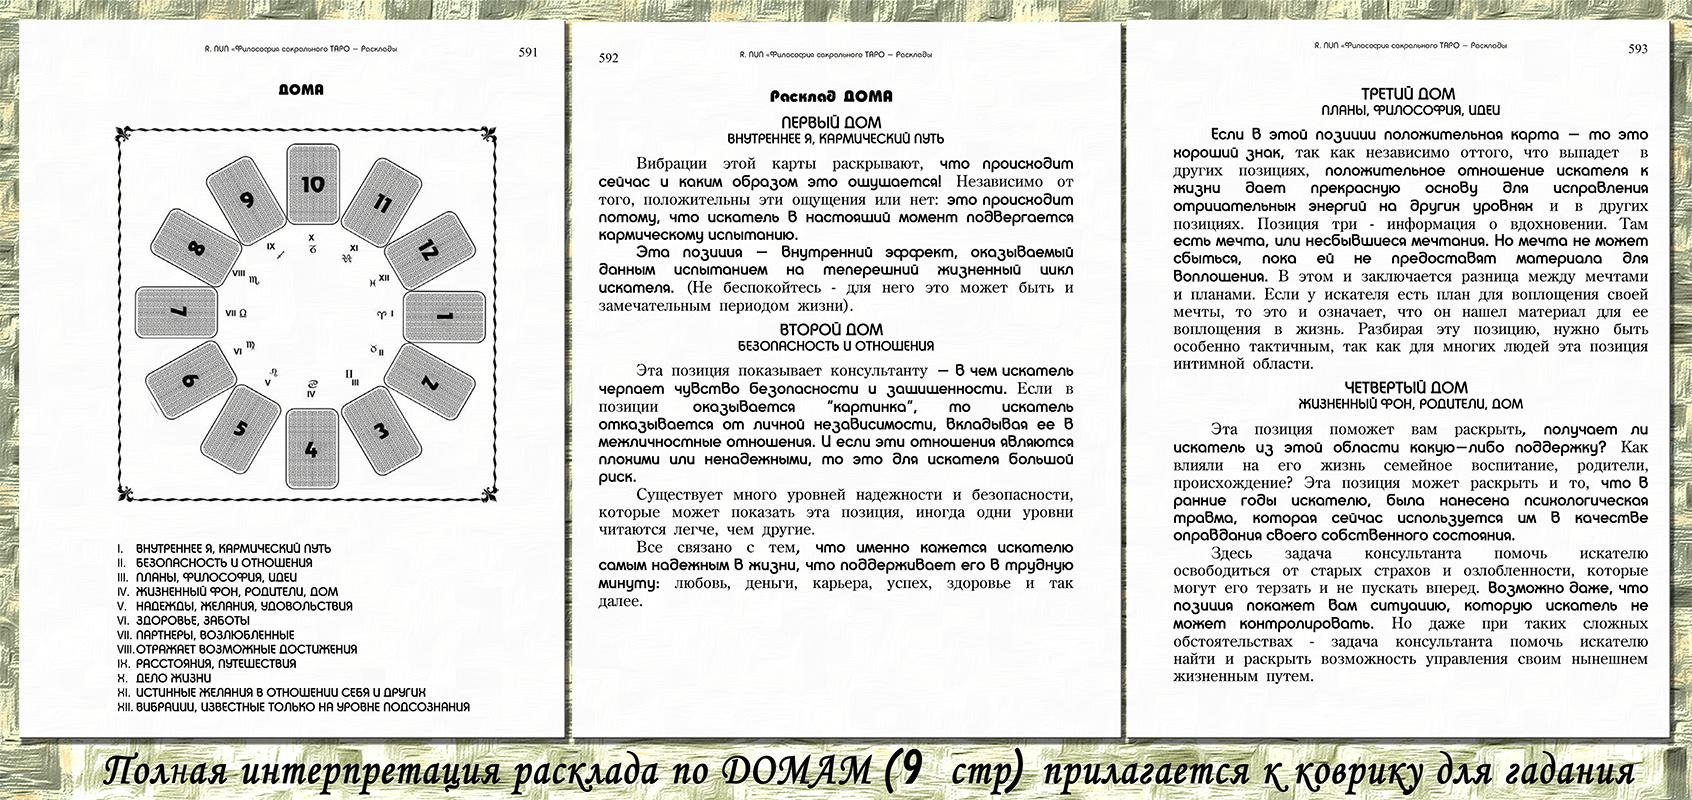 Symbolon tarot - комплект аксессуаров для гадания на картах тарот